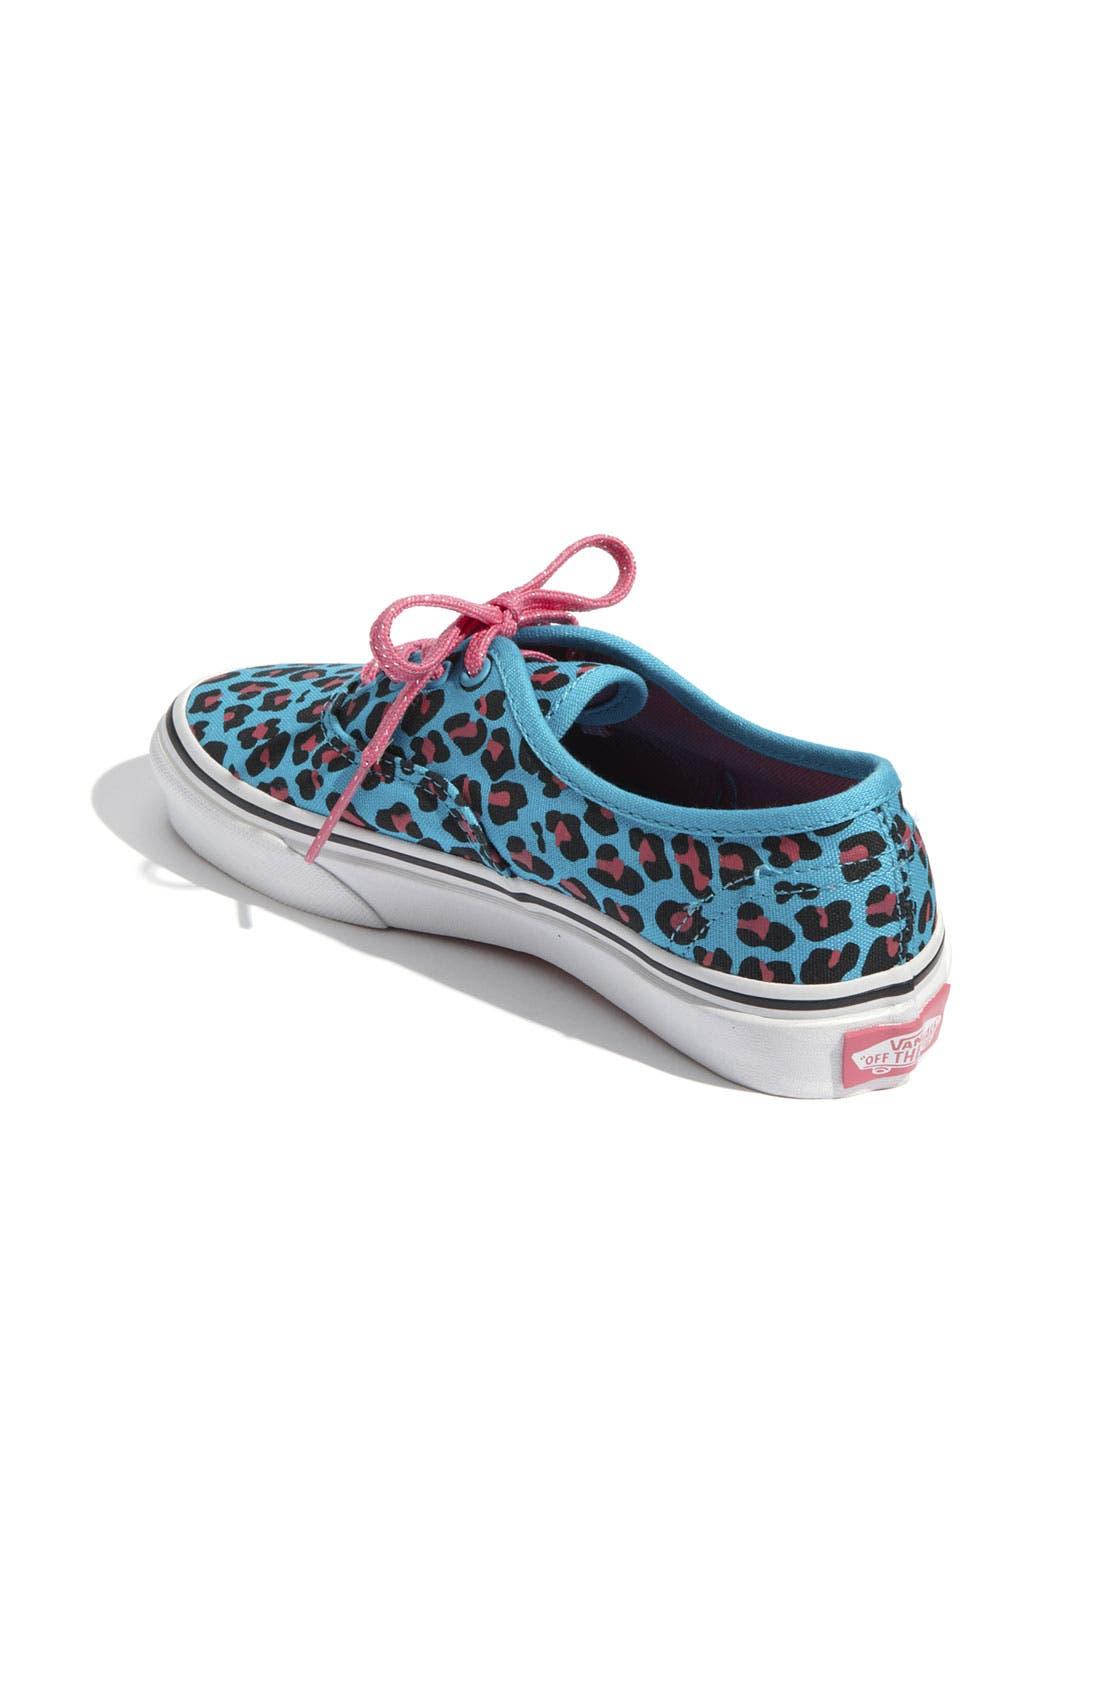 Alternate Image 2  - Vans 'Cheetah' Sneaker (Toddler, Little Kid & Big Kid)